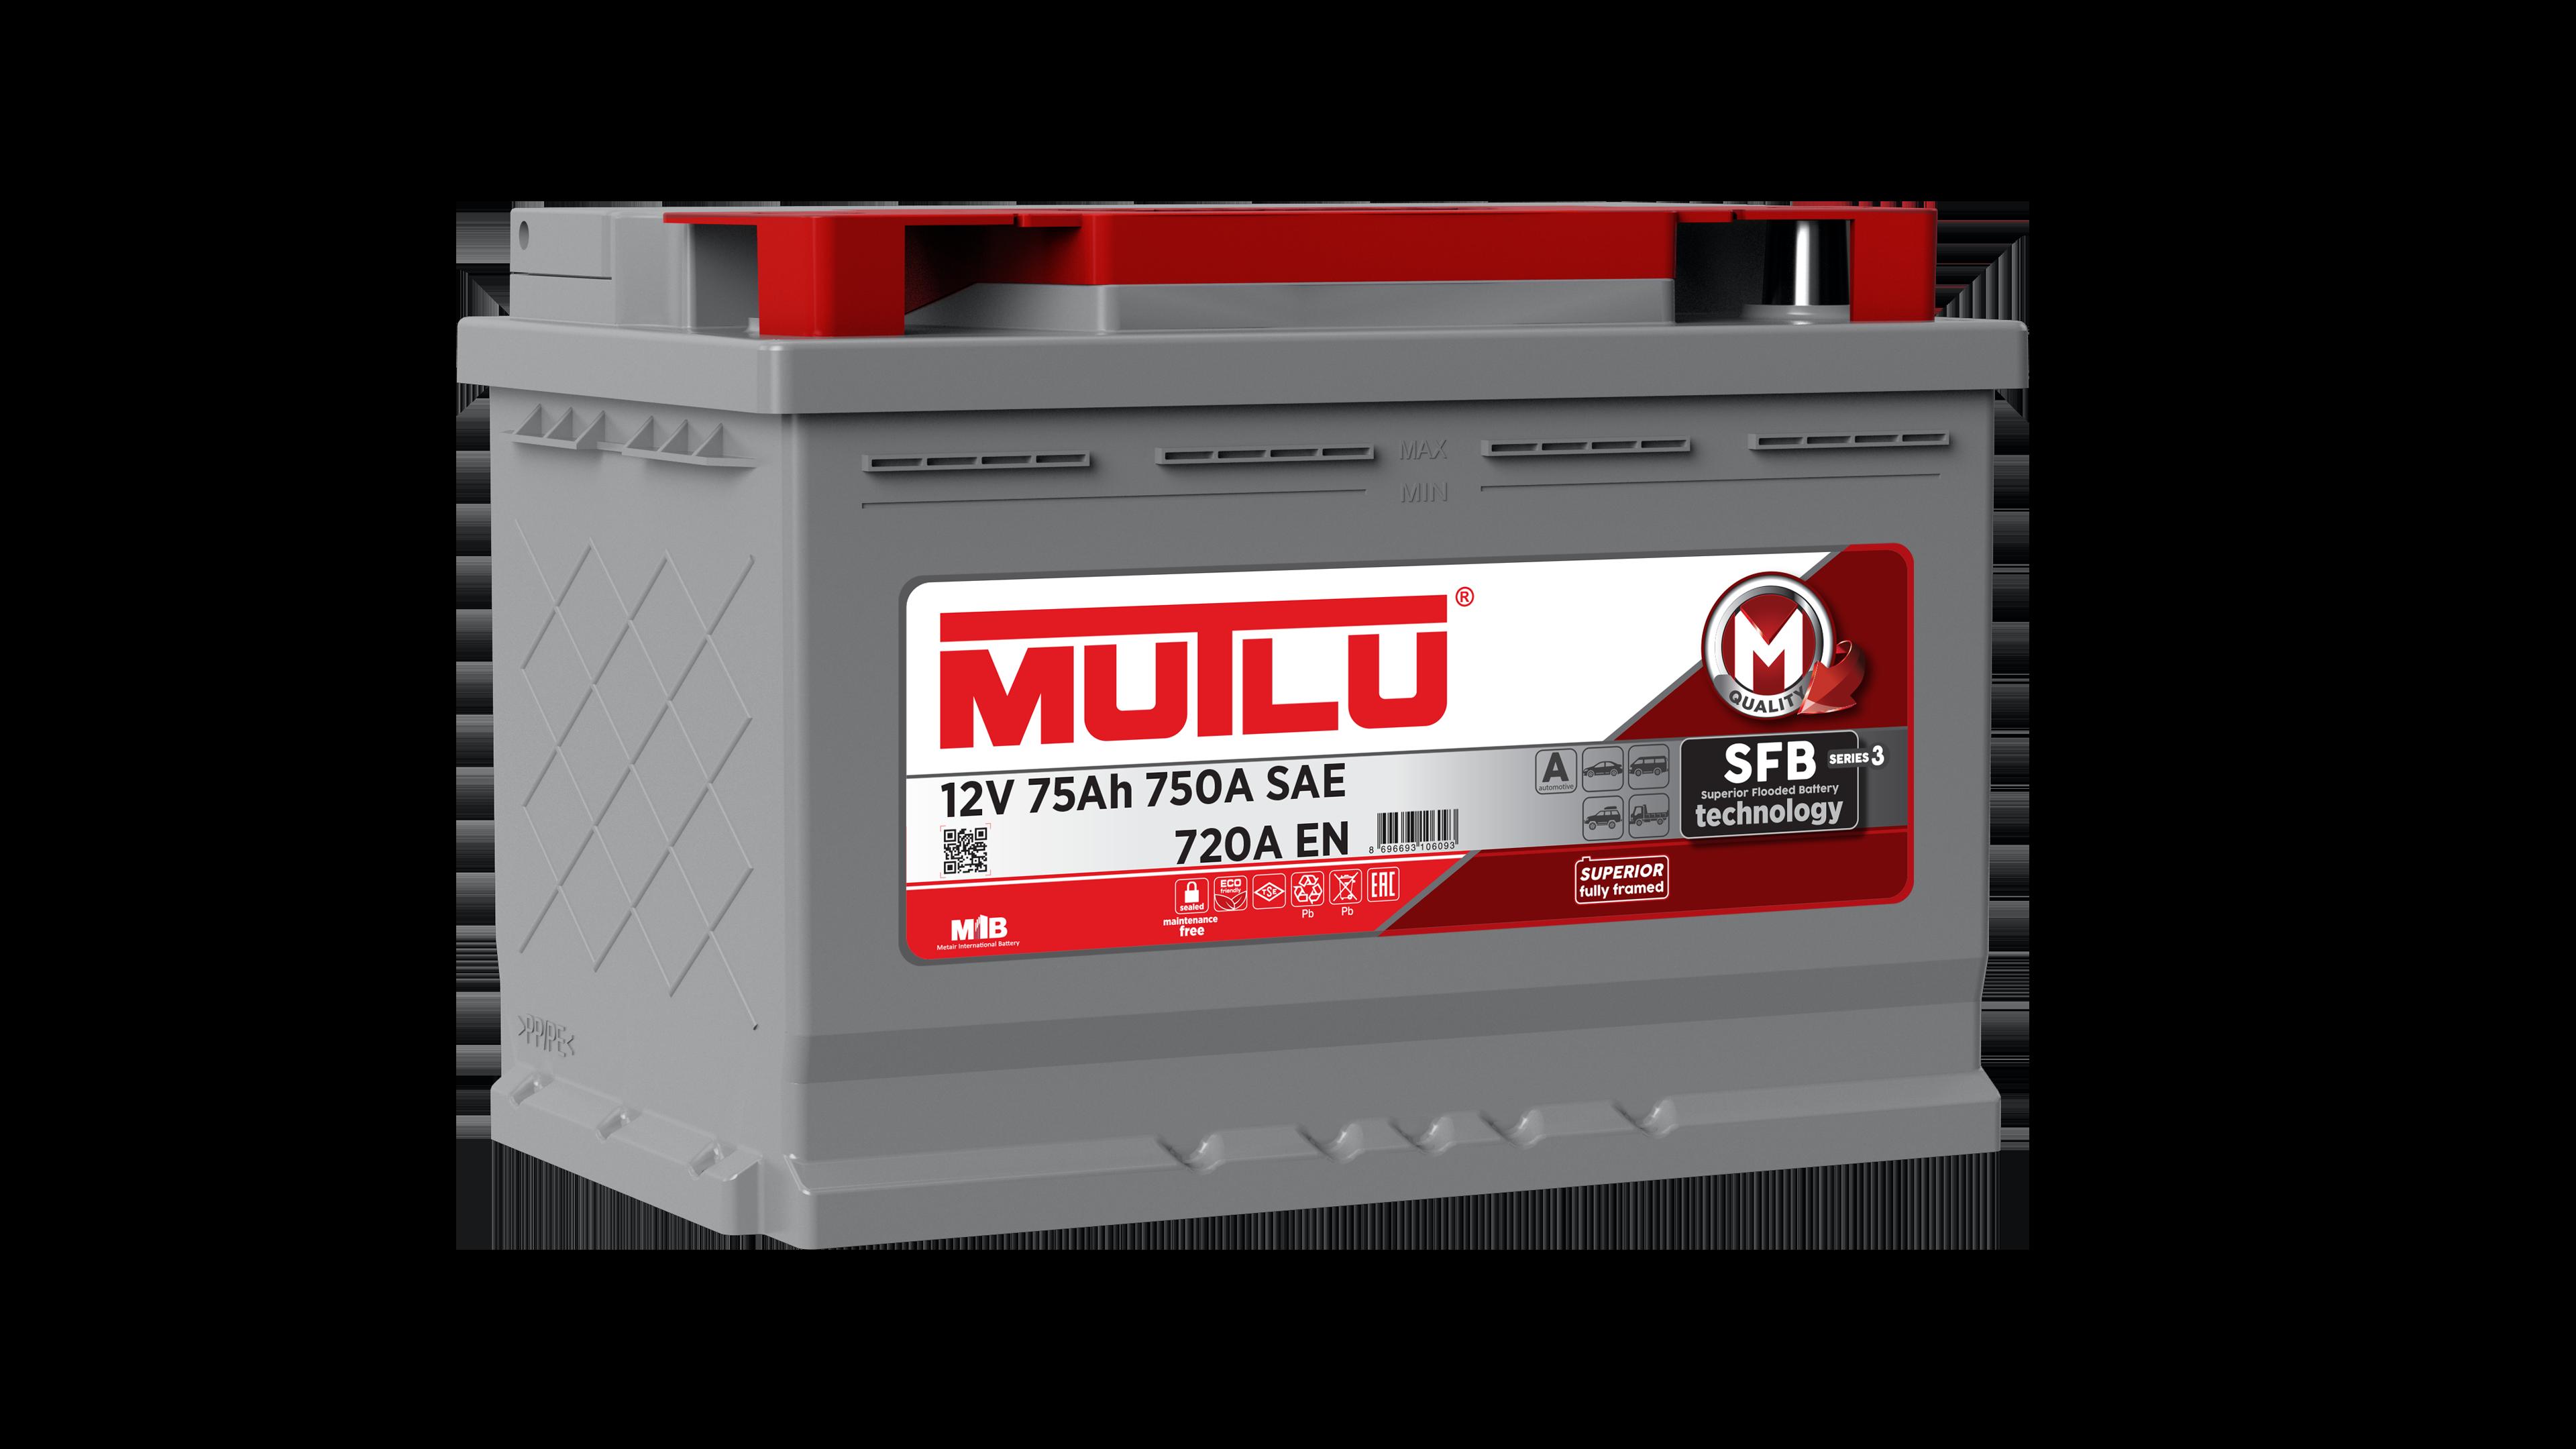 Mutlu L375072A Батарея аккумуляторная 75А/ч 720А 12В обратная поляр. стандартные клеммы